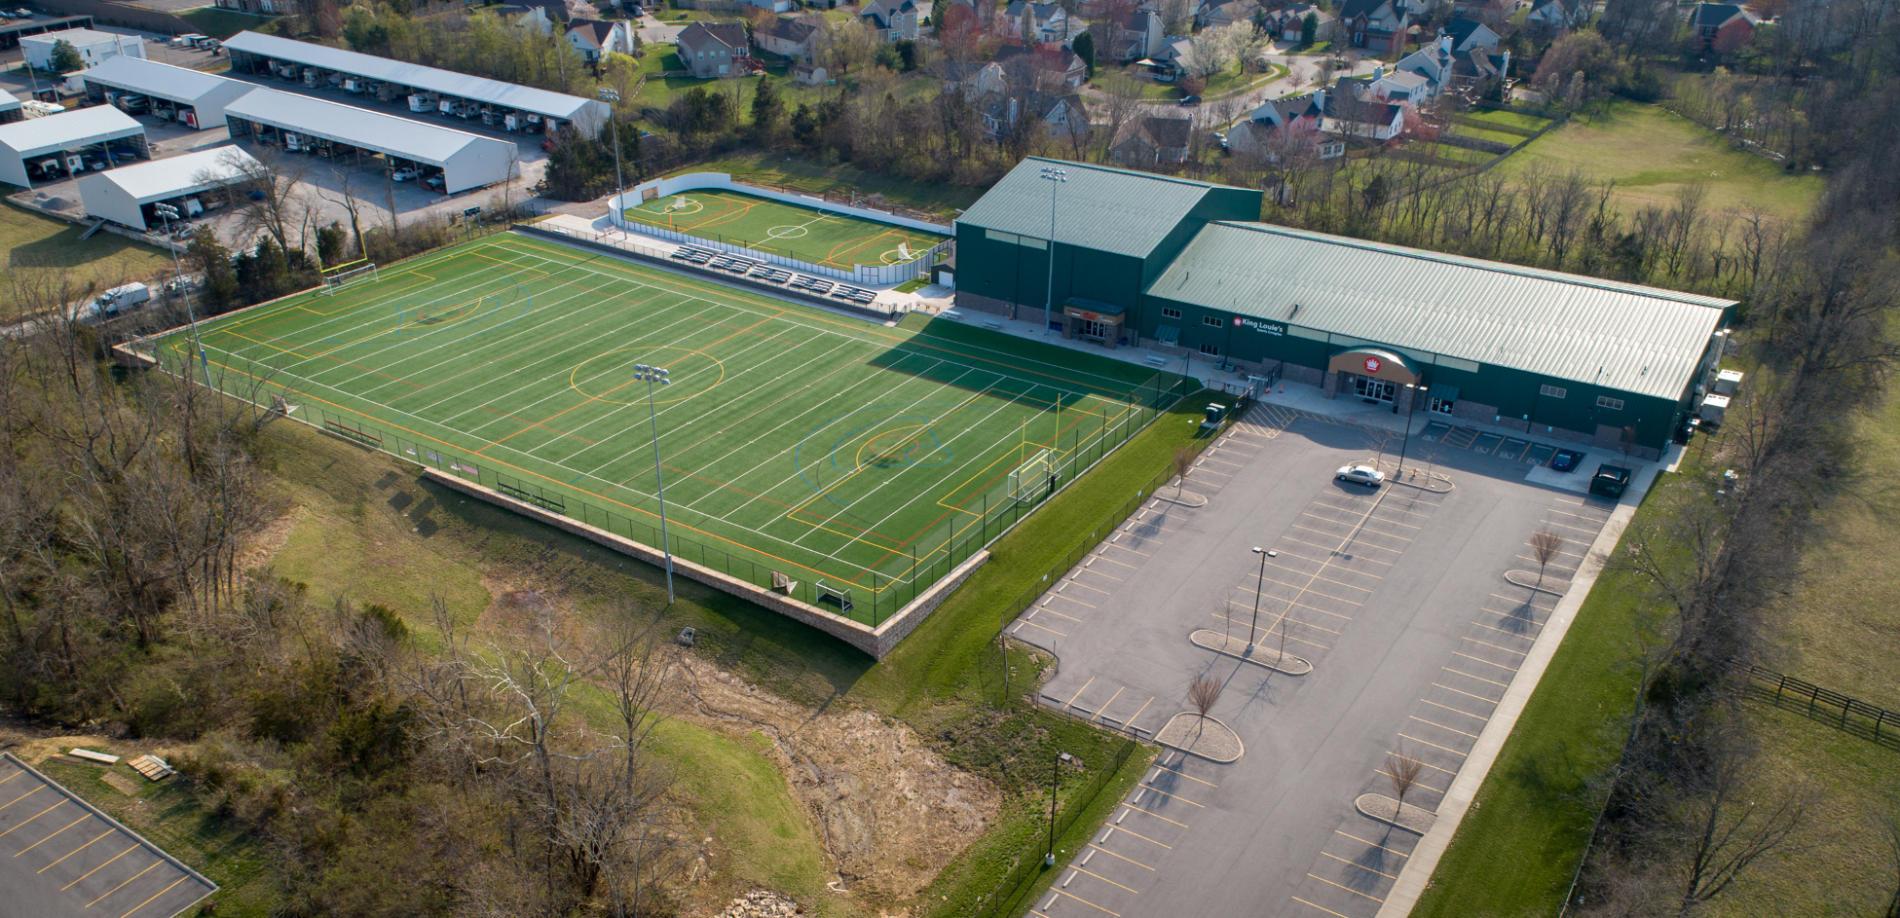 King Loui's Sports Complex